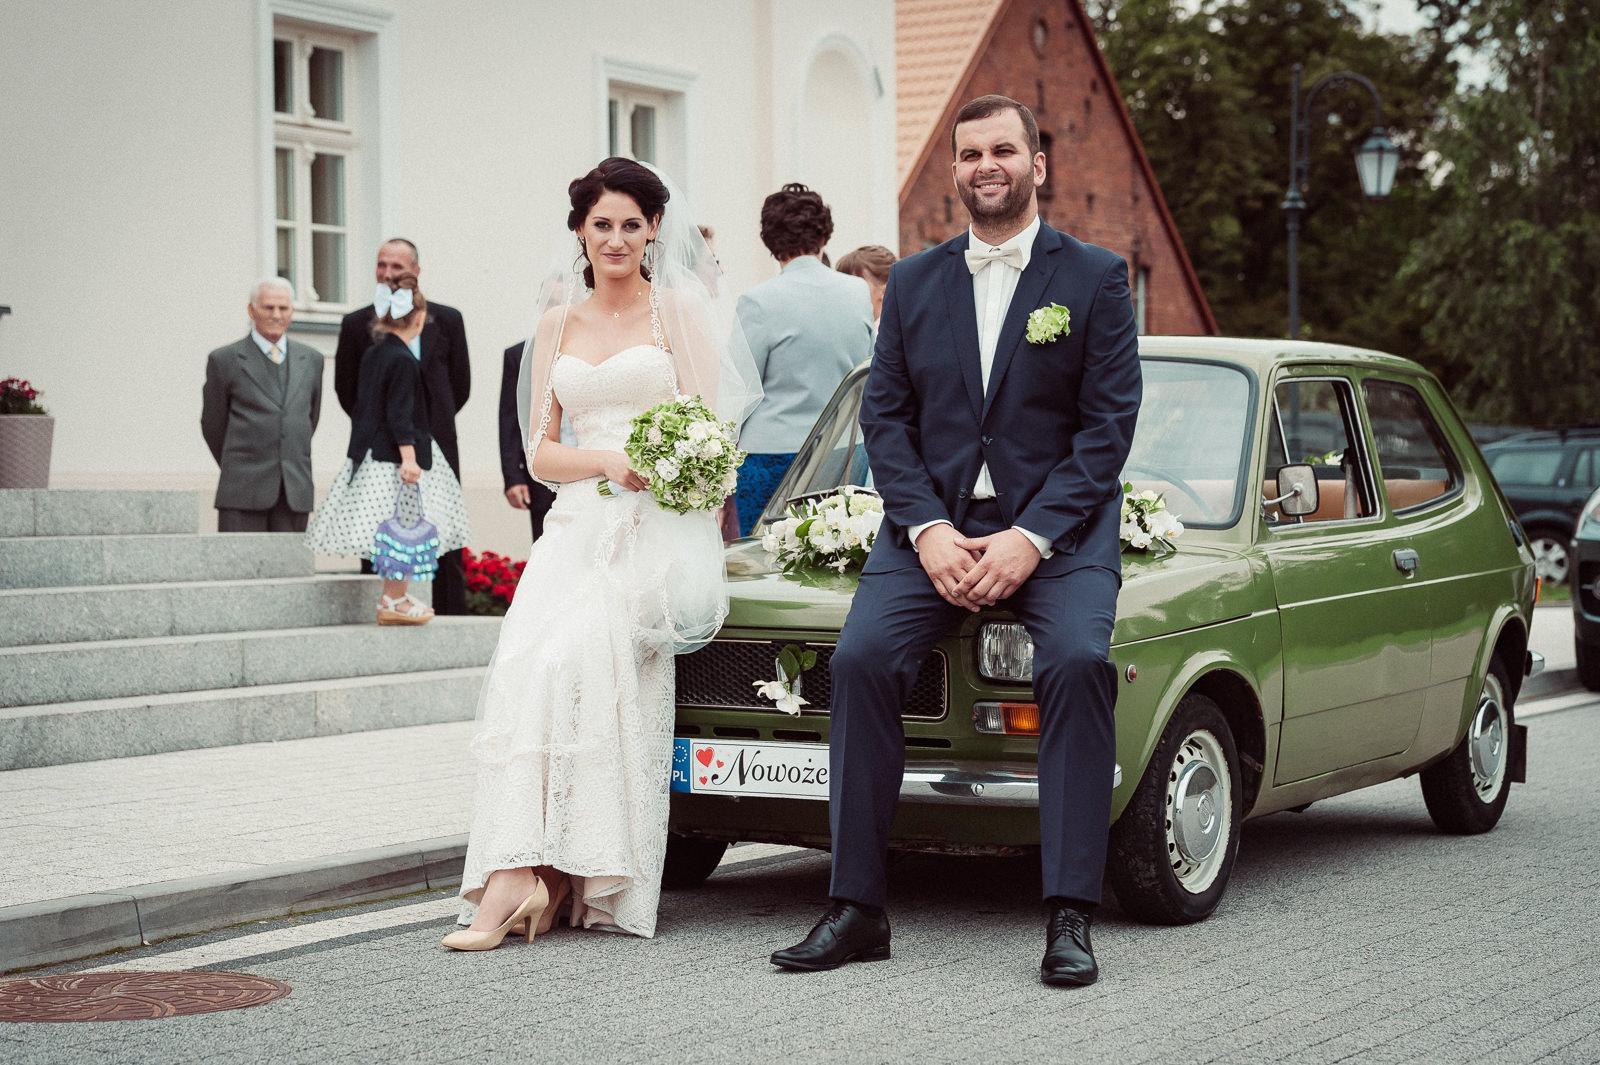 Państwo Młodzi przed wyjazdem na ślub do kościoła